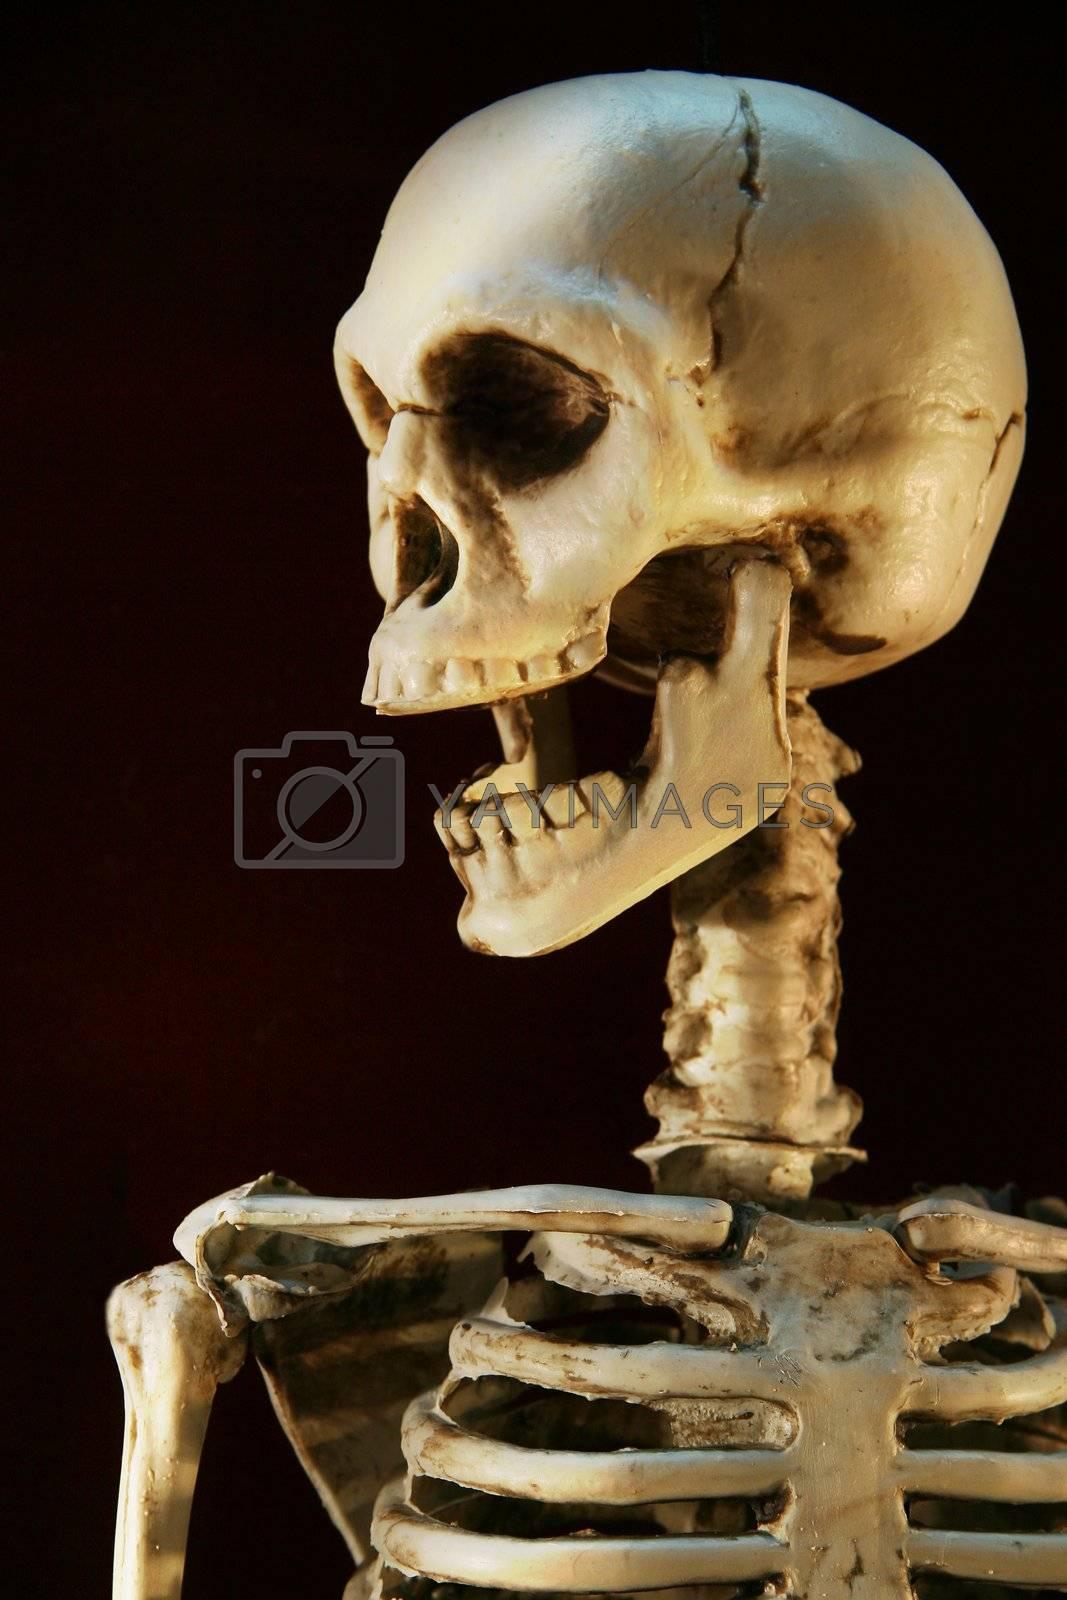 Halloween skeleton against a dark background